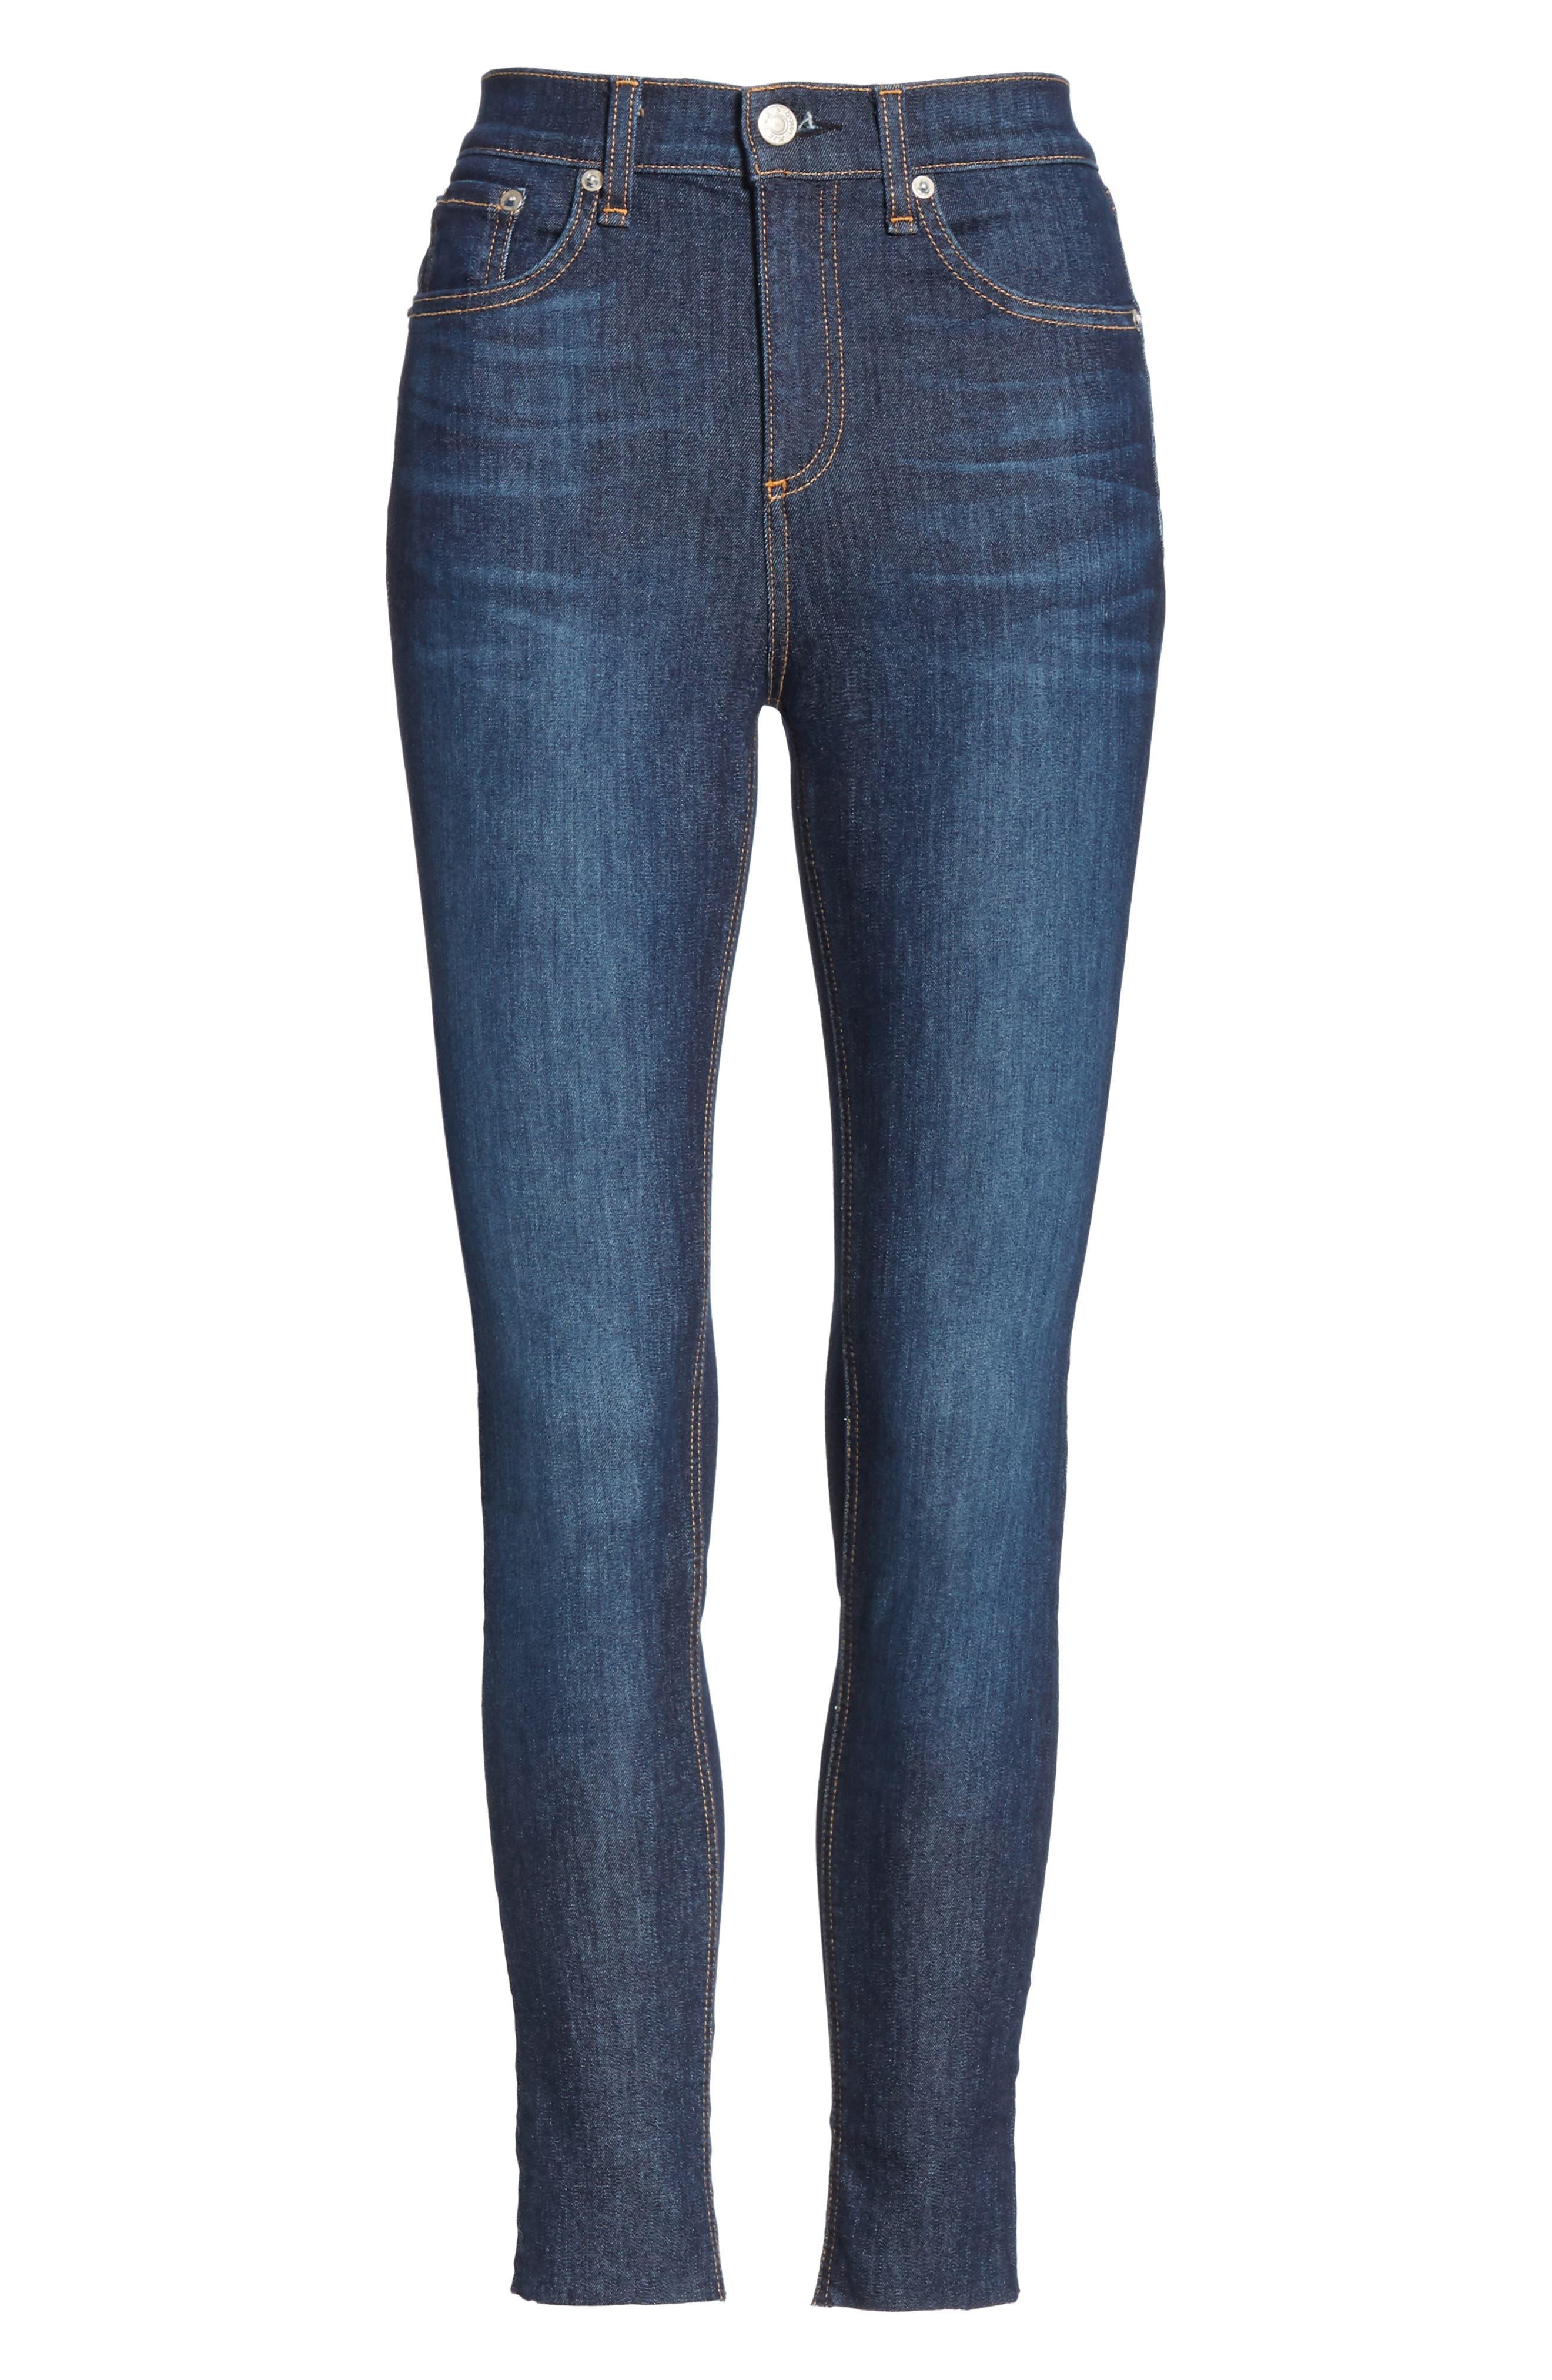 RAG & BONE, High Waist Skinny Ankle Jeans, Alternate thumbnail 7, color, 402